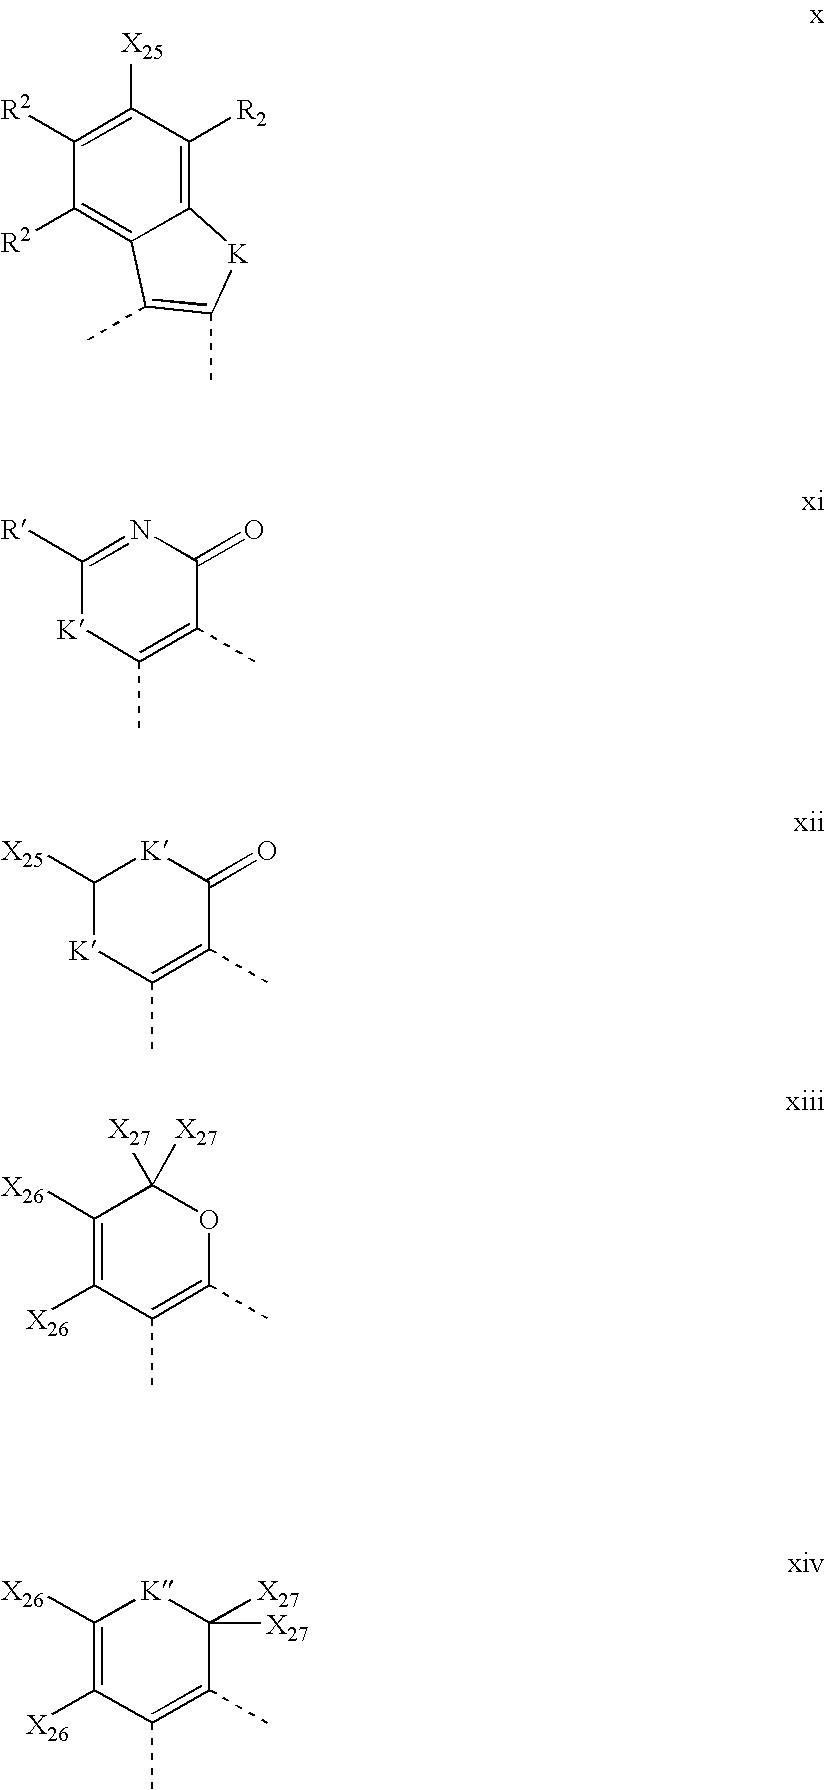 Figure US07505189-20090317-C00008